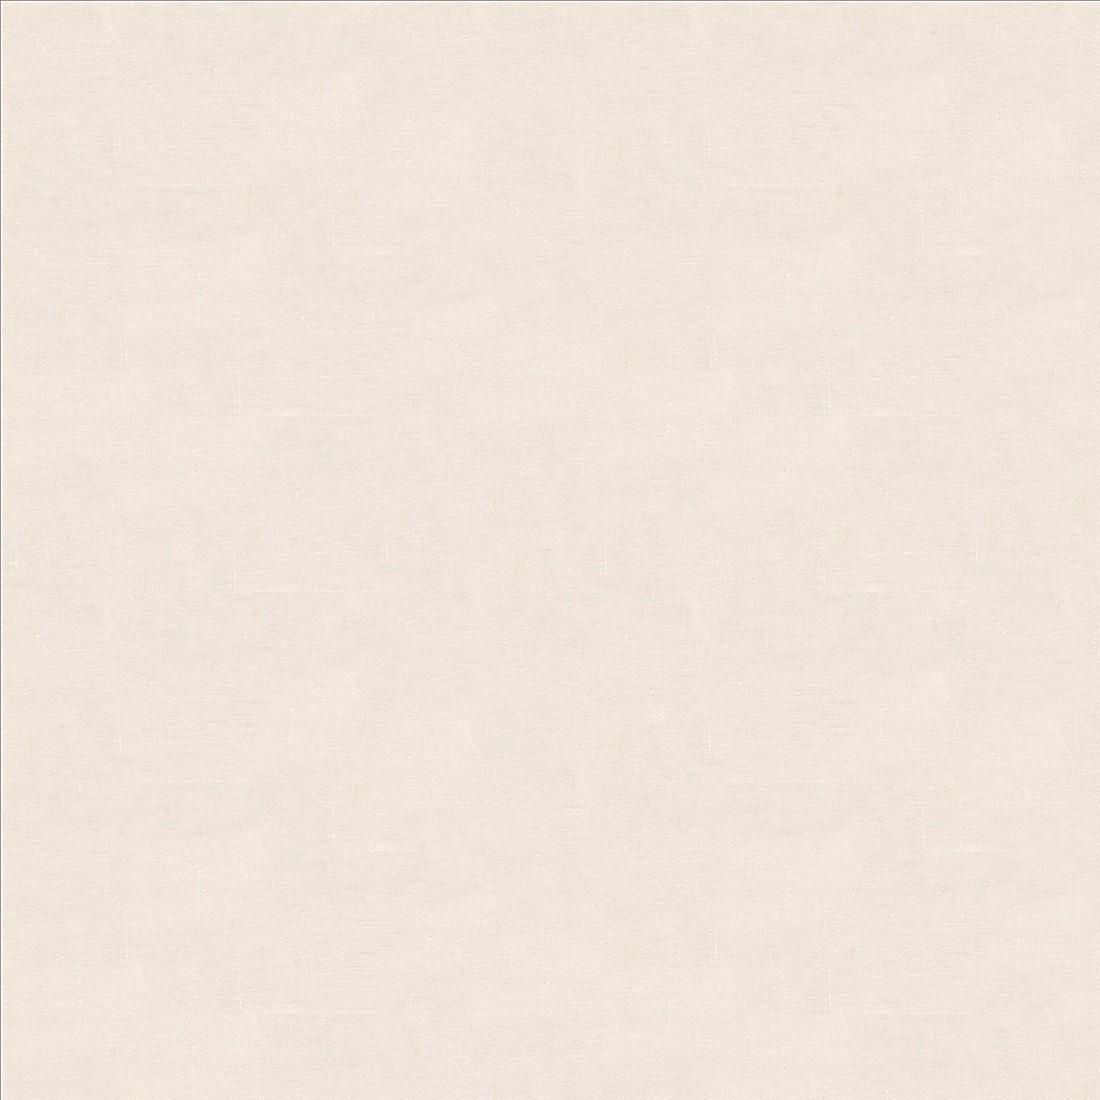 Tischdecke Classic – Sahne – 170 x 350 cm, Villeroy&Boch jetzt bestellen